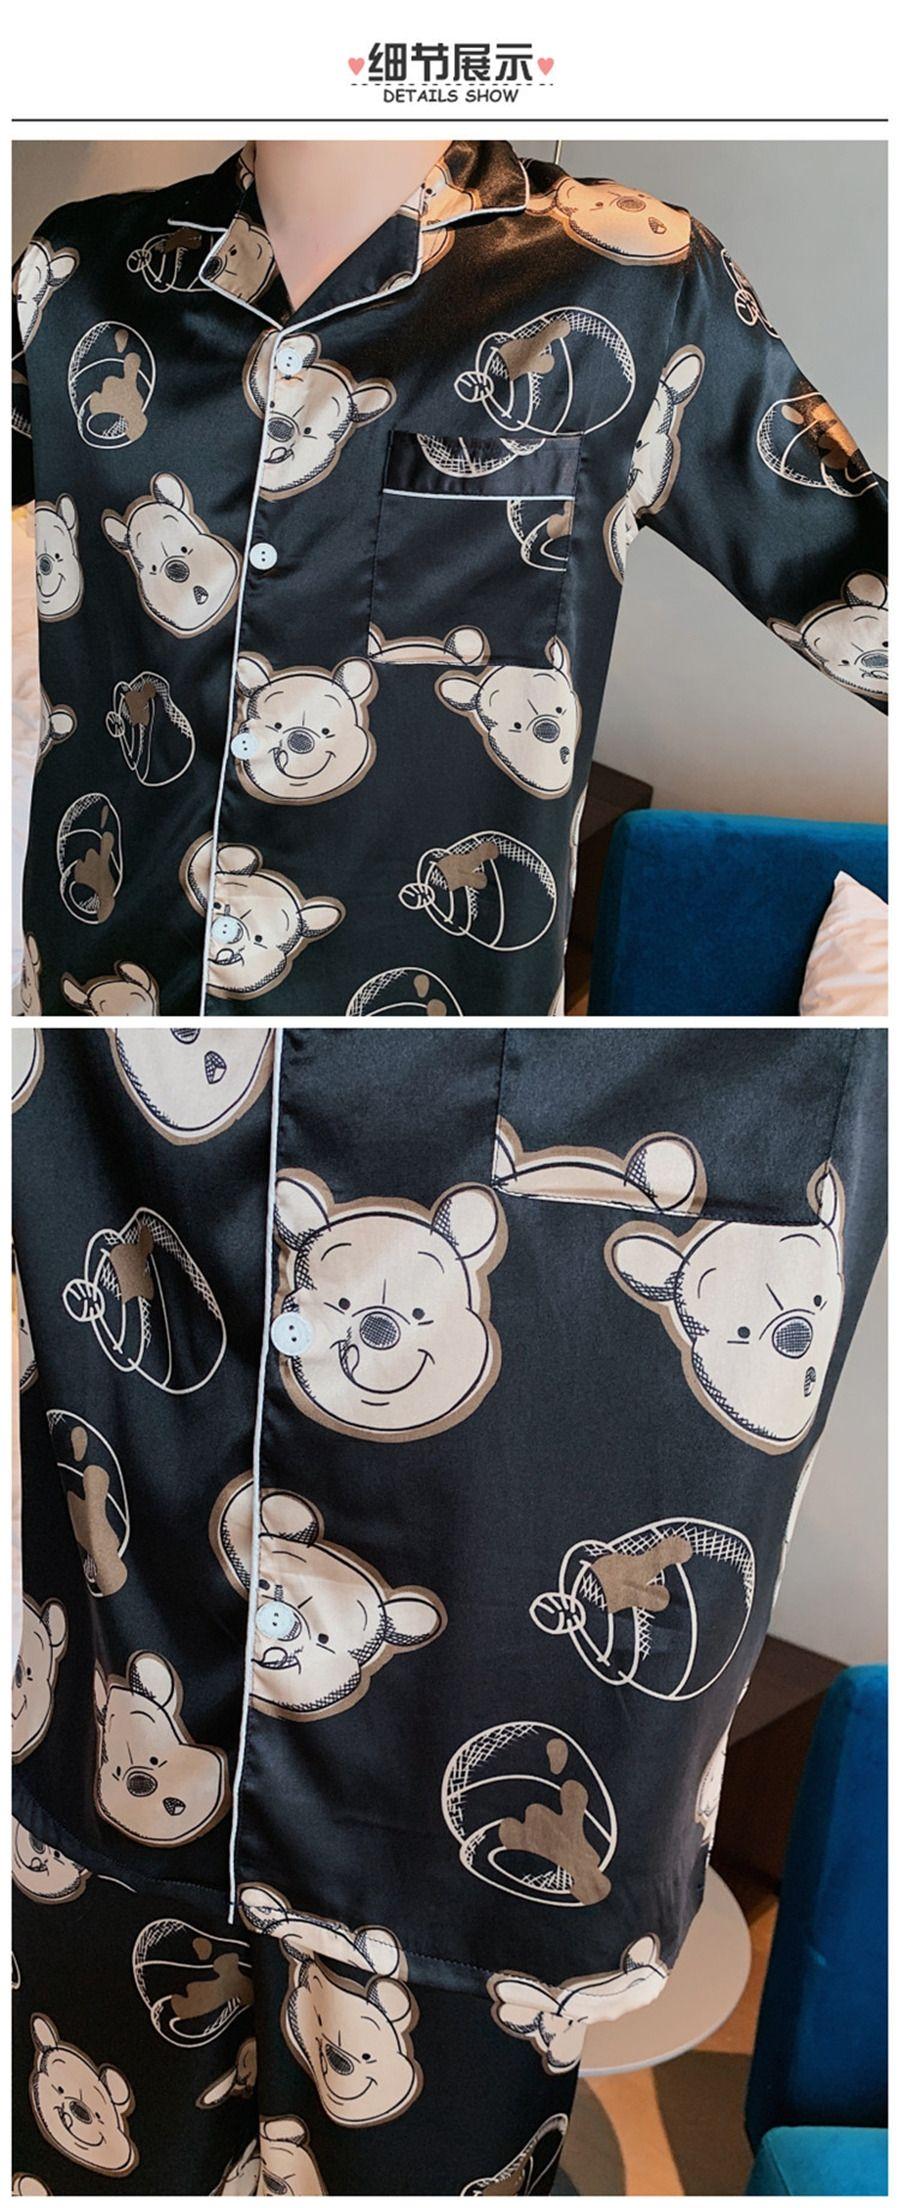 Sommer-Eis-Silk Paar Blume gedruckt Nachtwäsche Short Sleeve Shorts Sets Satin Silk Thin Pyjama Männlich Weiblich Plus Size Simple Home Wear X9 # 859